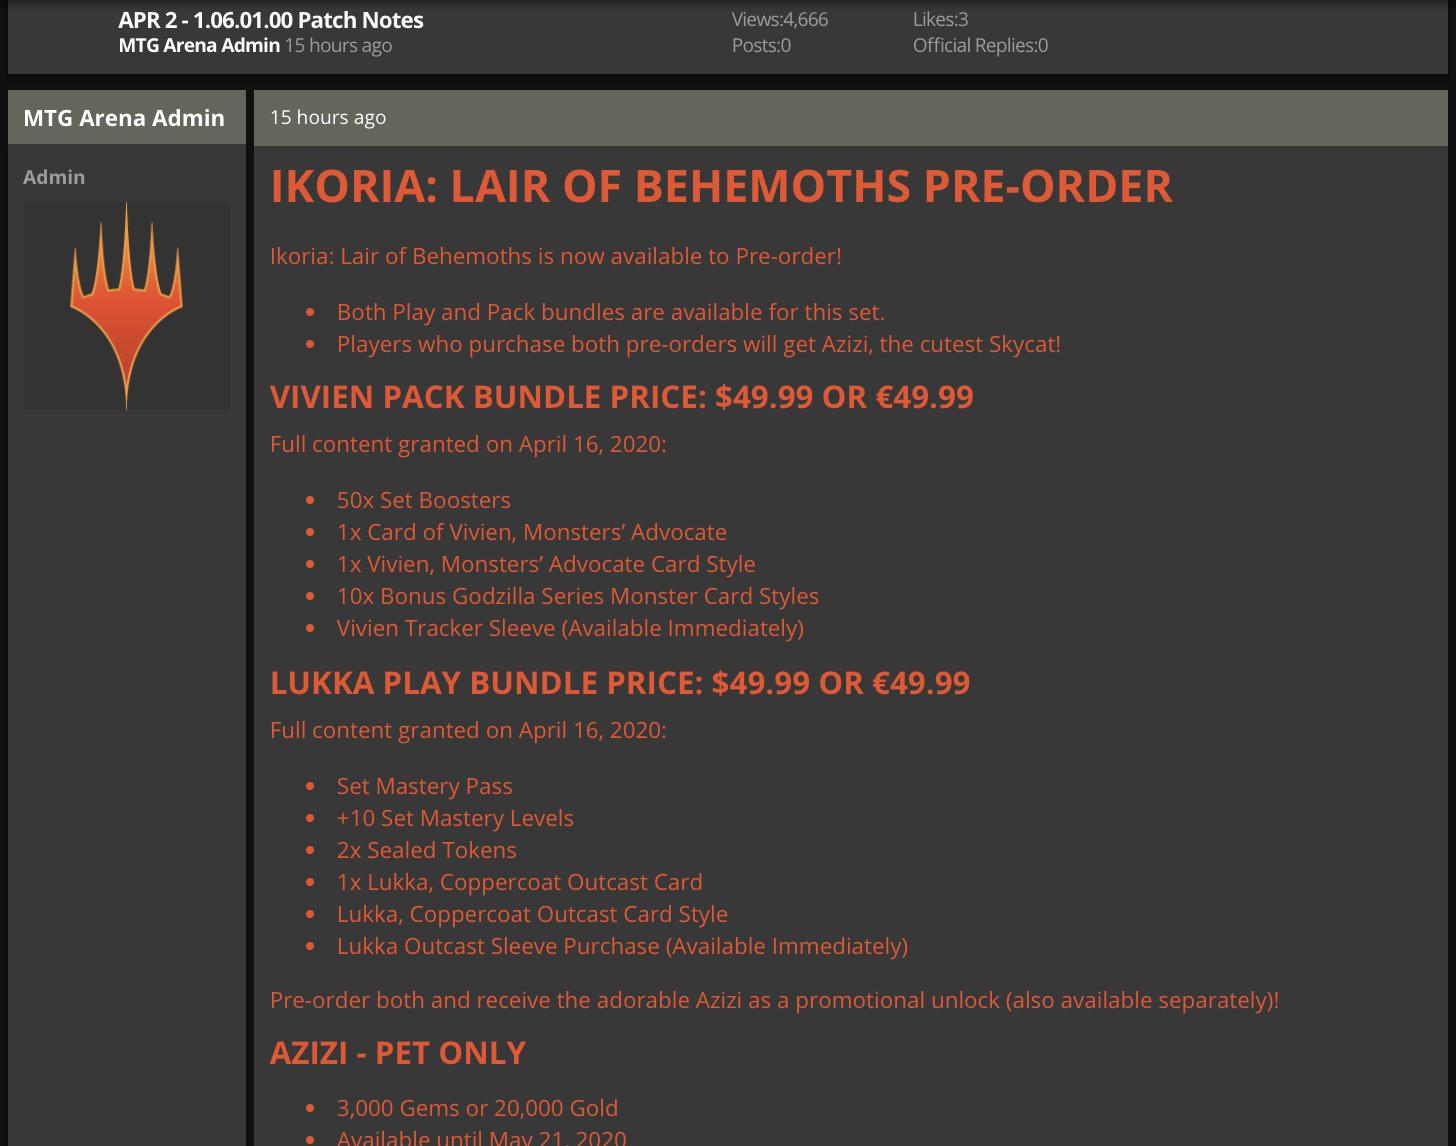 MTG Arena April 2 1.06.01.00 game update